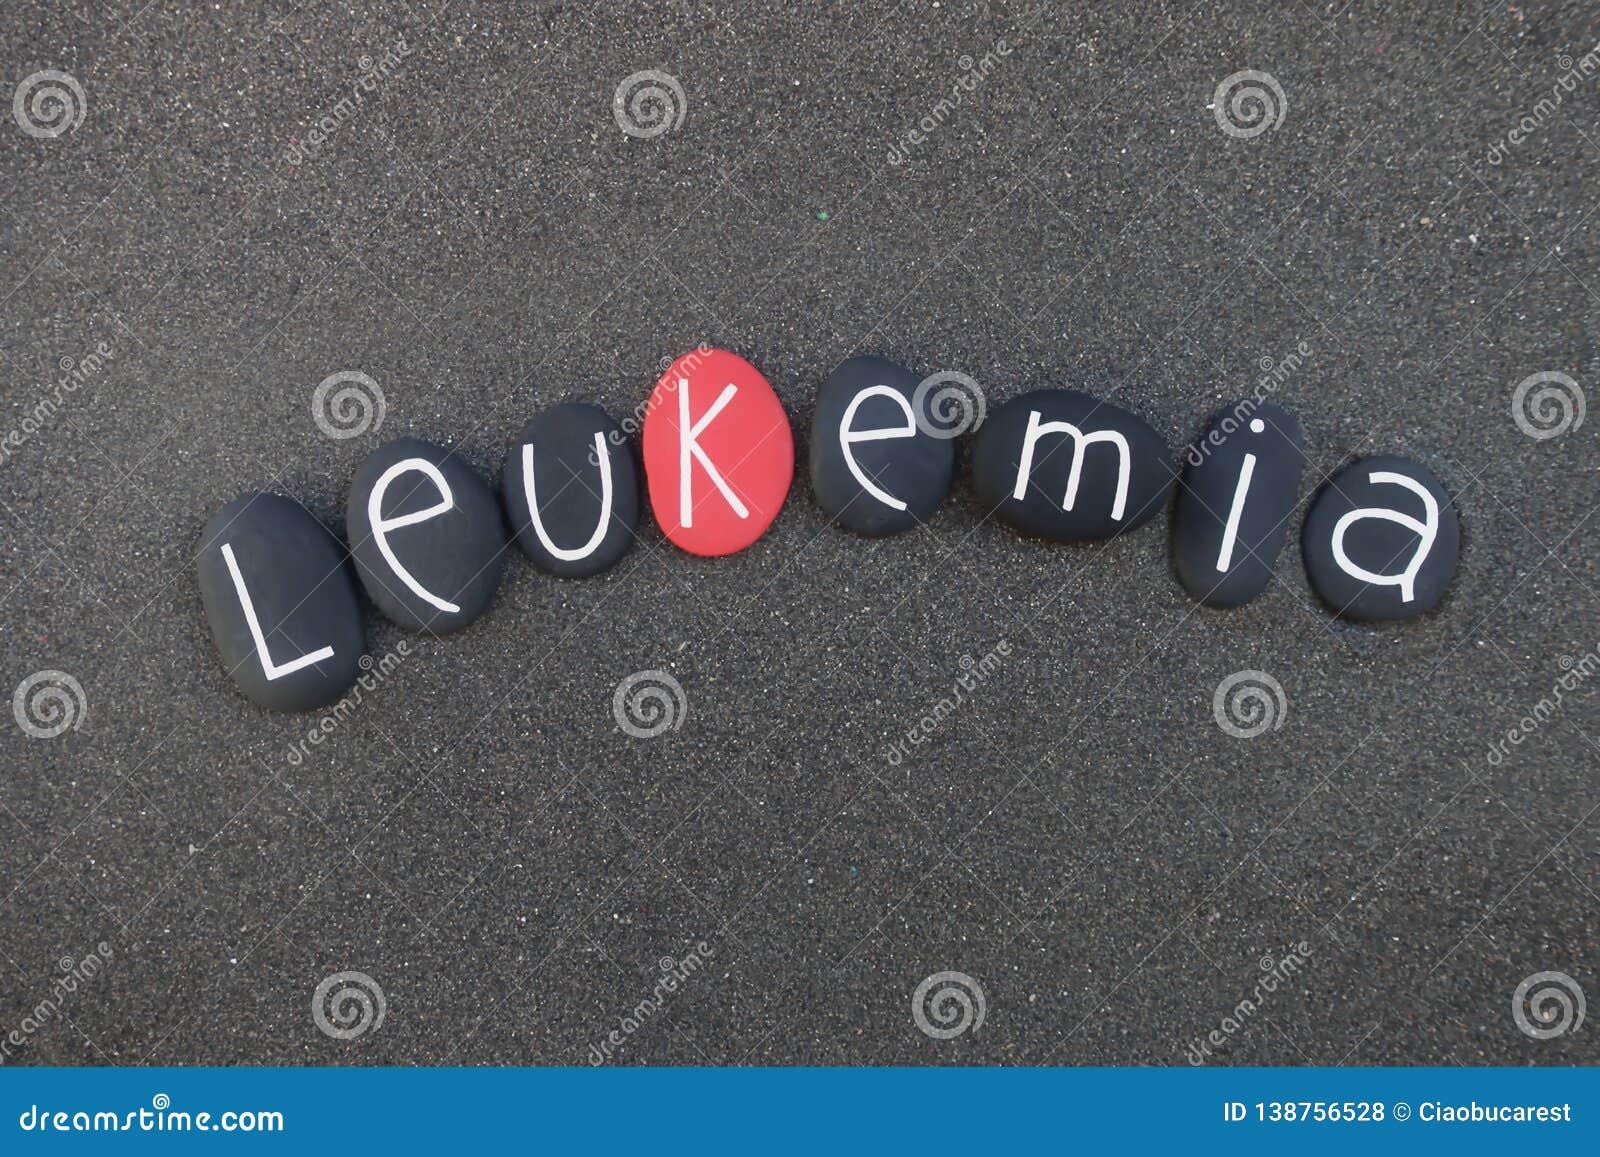 Leucémie, groupe de mot de cancers composé au-dessus du sable volcanique noir avec les pierres pinted noires et rouges